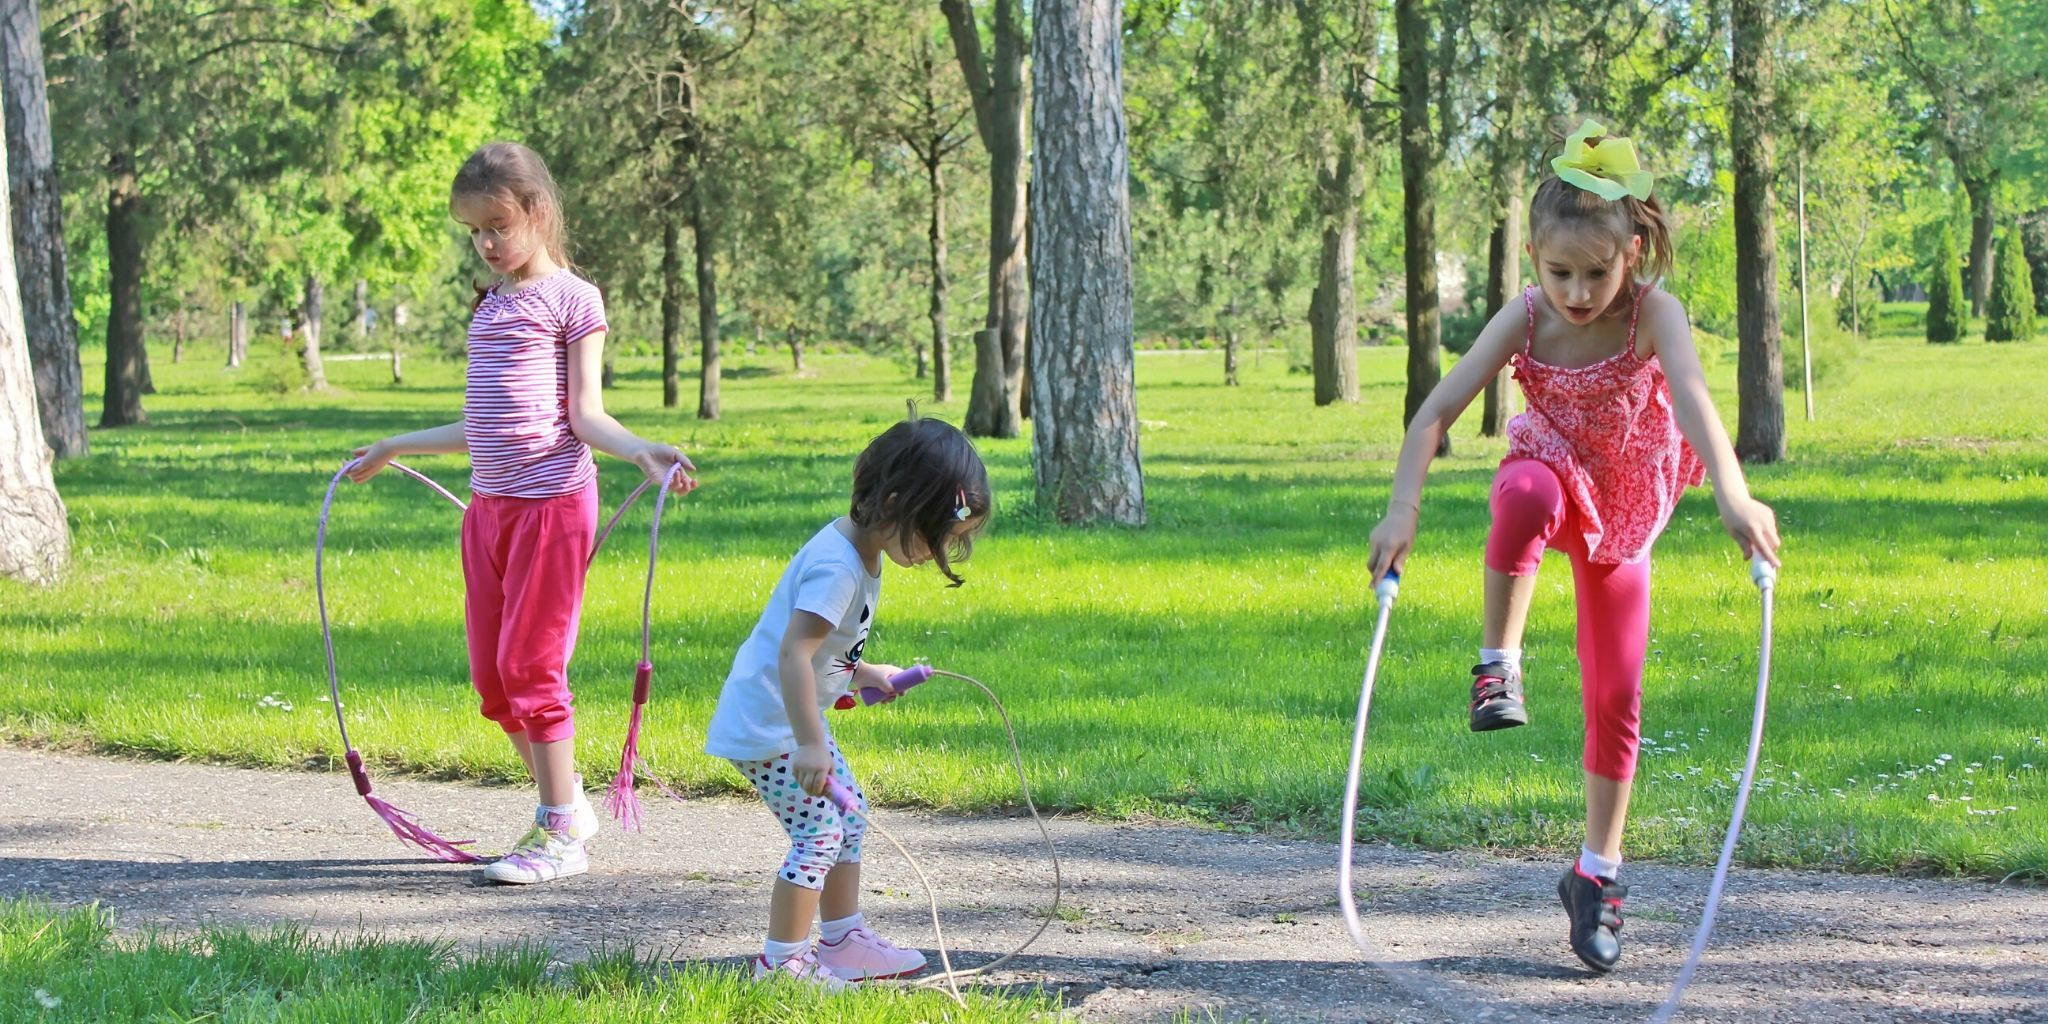 Rolig rörelselek för barn